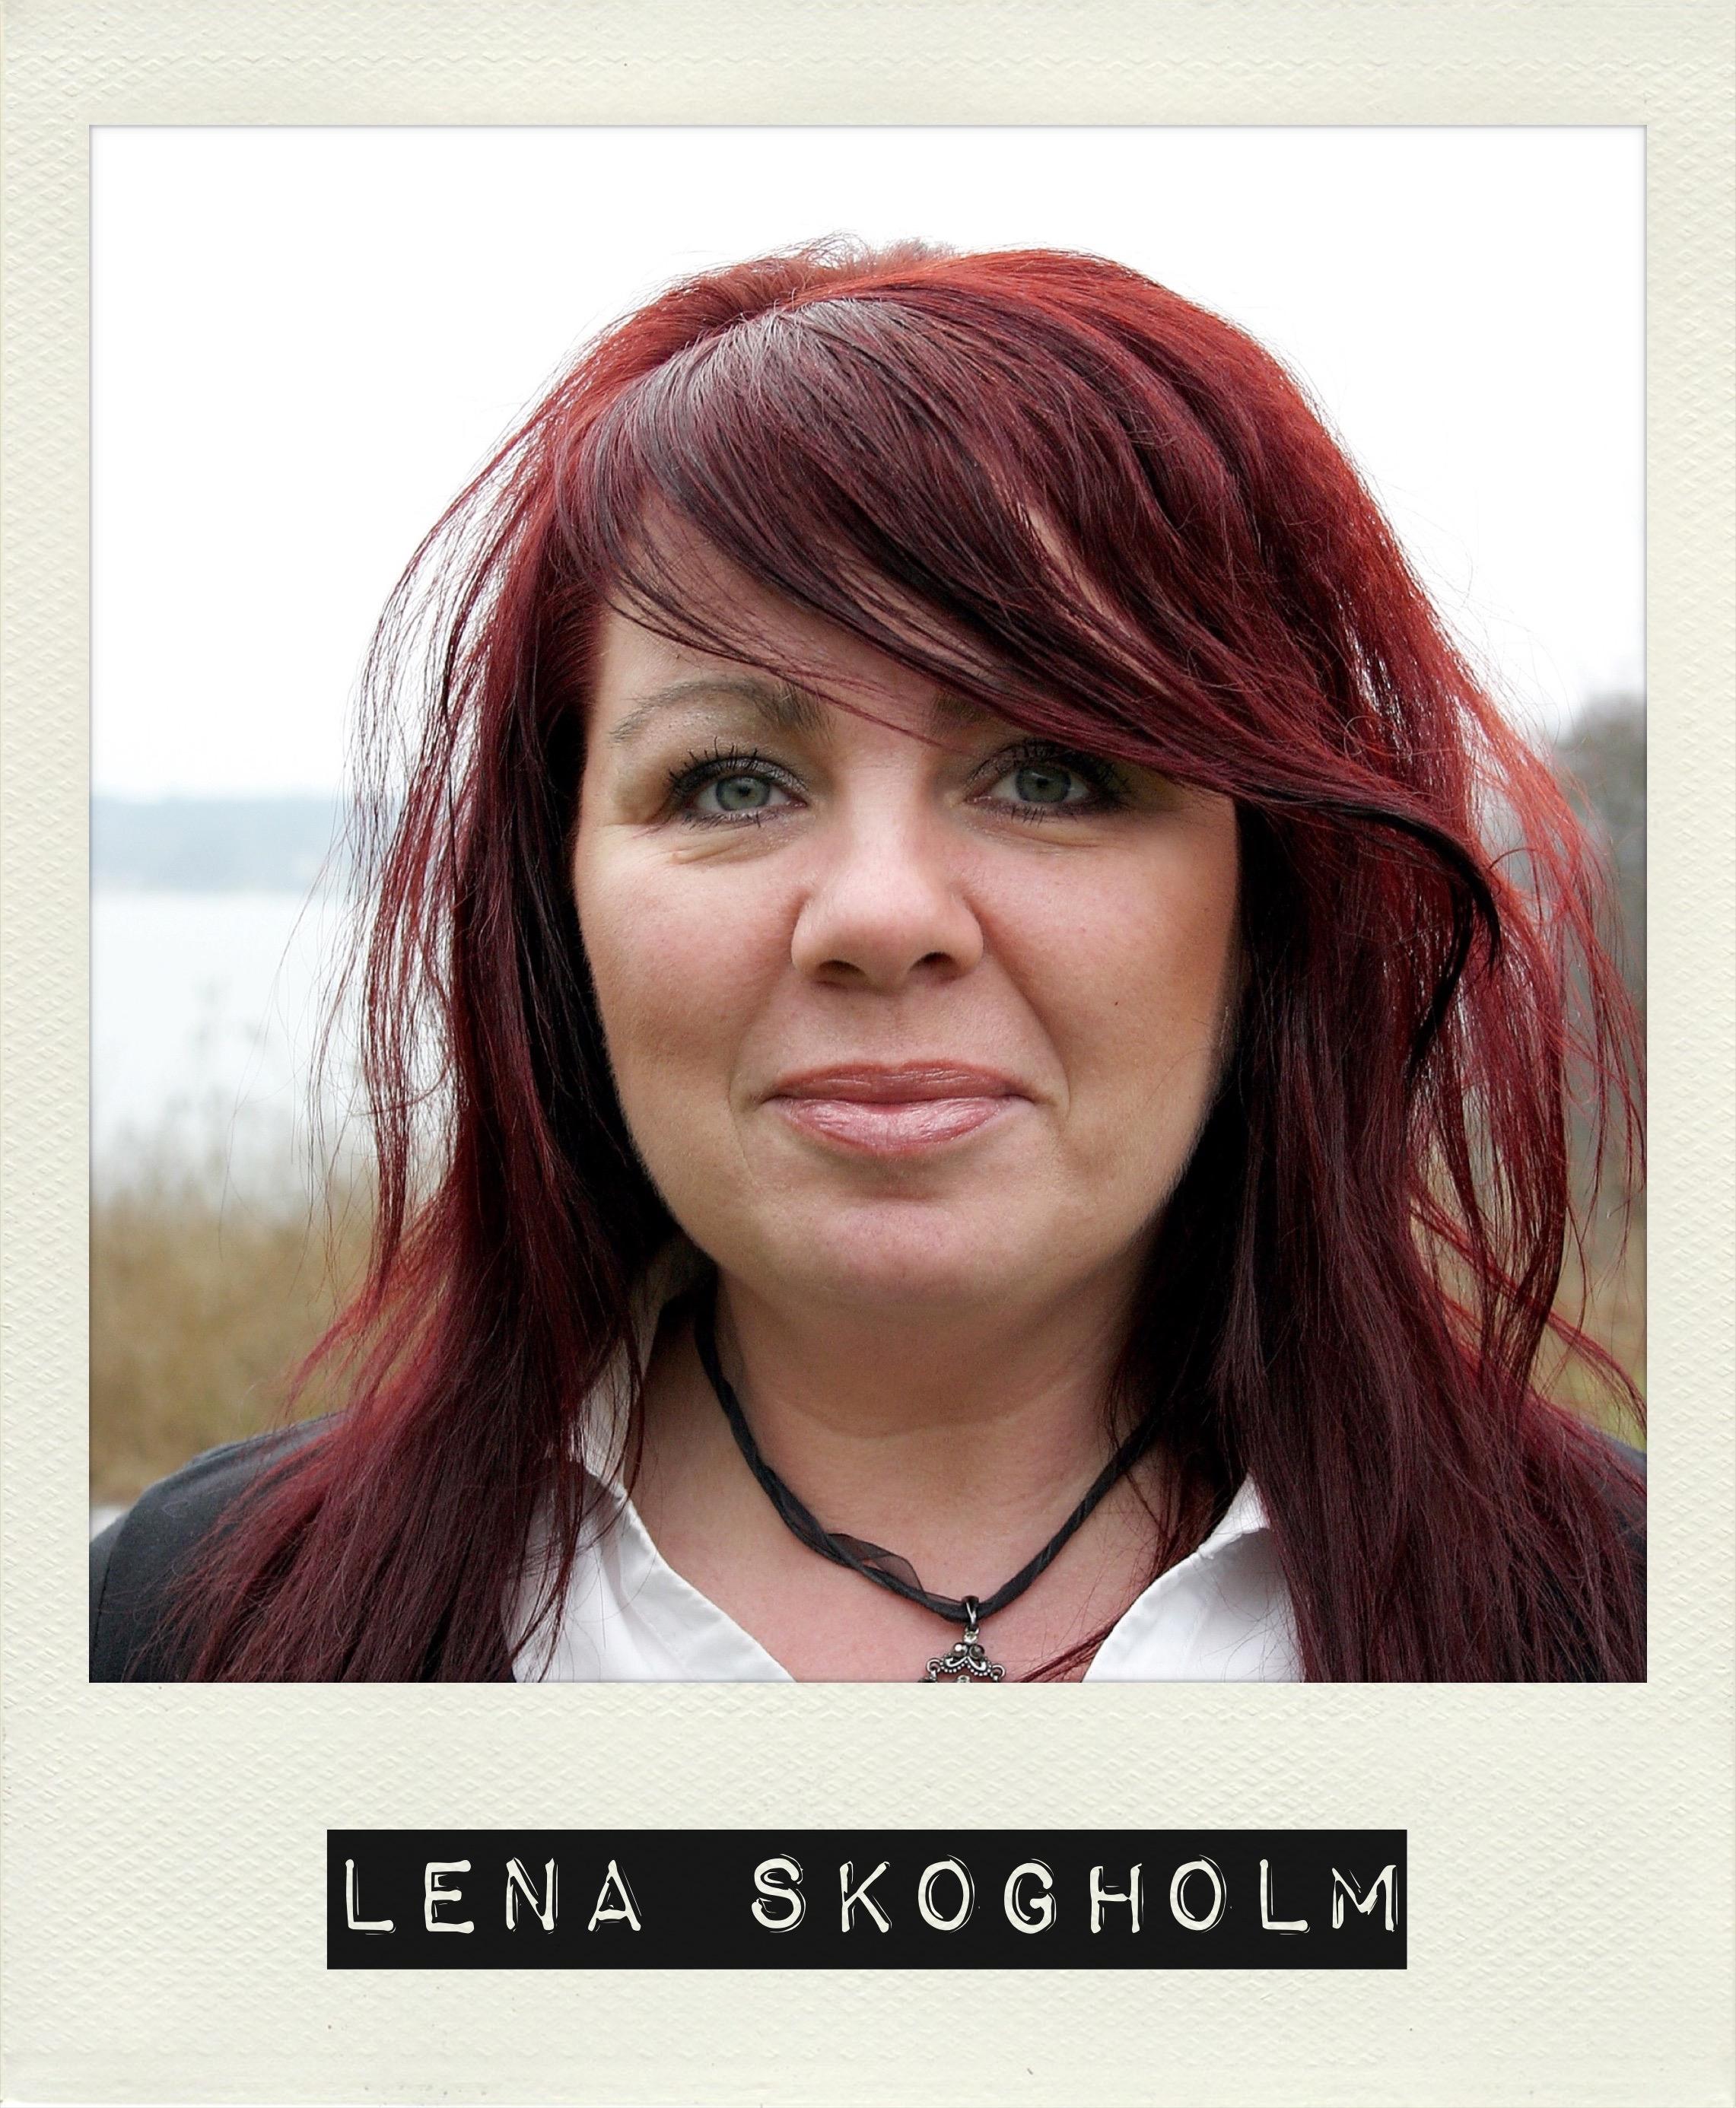 Lena Skogholm